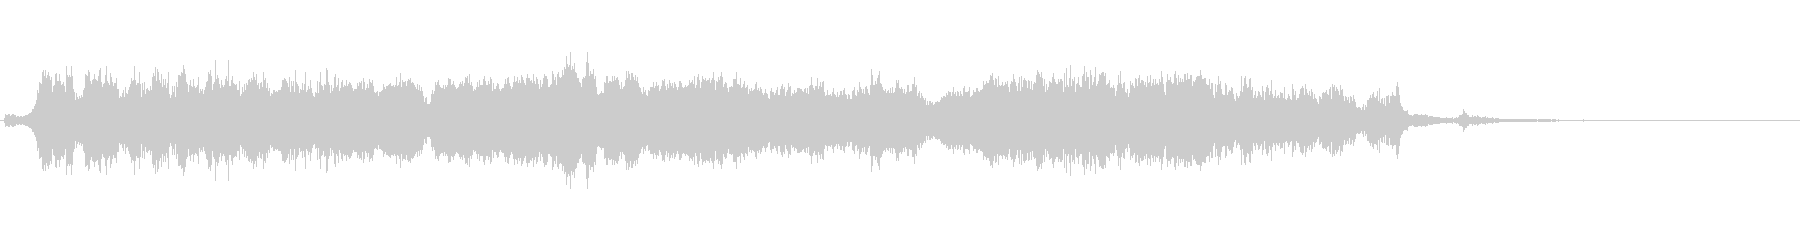 ギギギー(激しいノイズの金属音)の未再生の波形